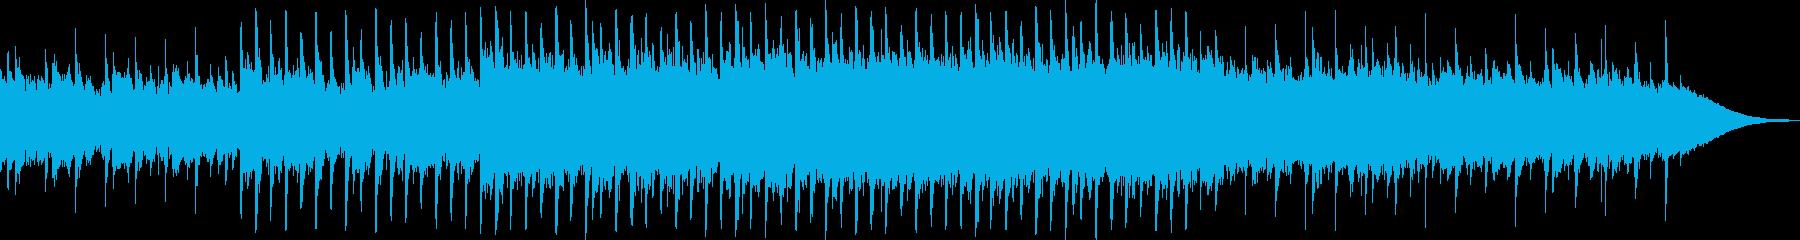 企業VP,コーポレート,ポジティブ60秒の再生済みの波形